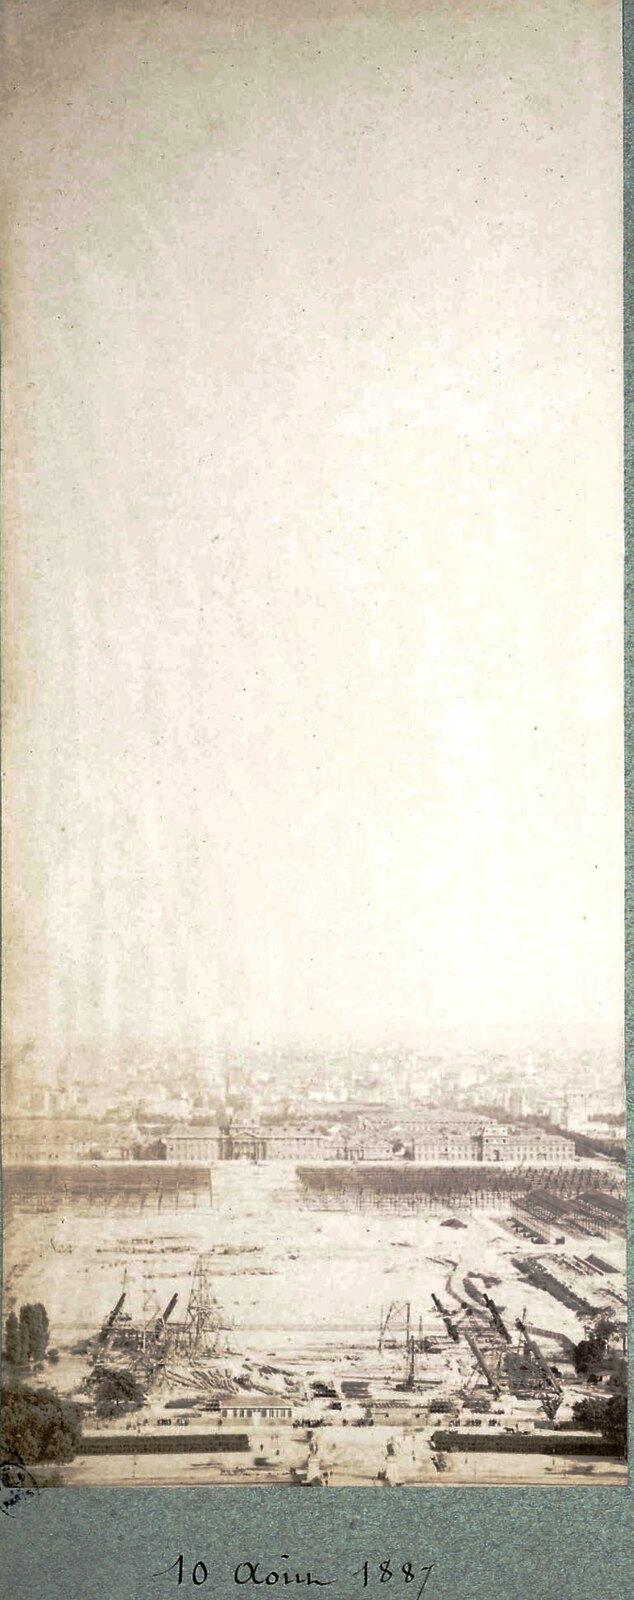 01. 1887. 10 августа